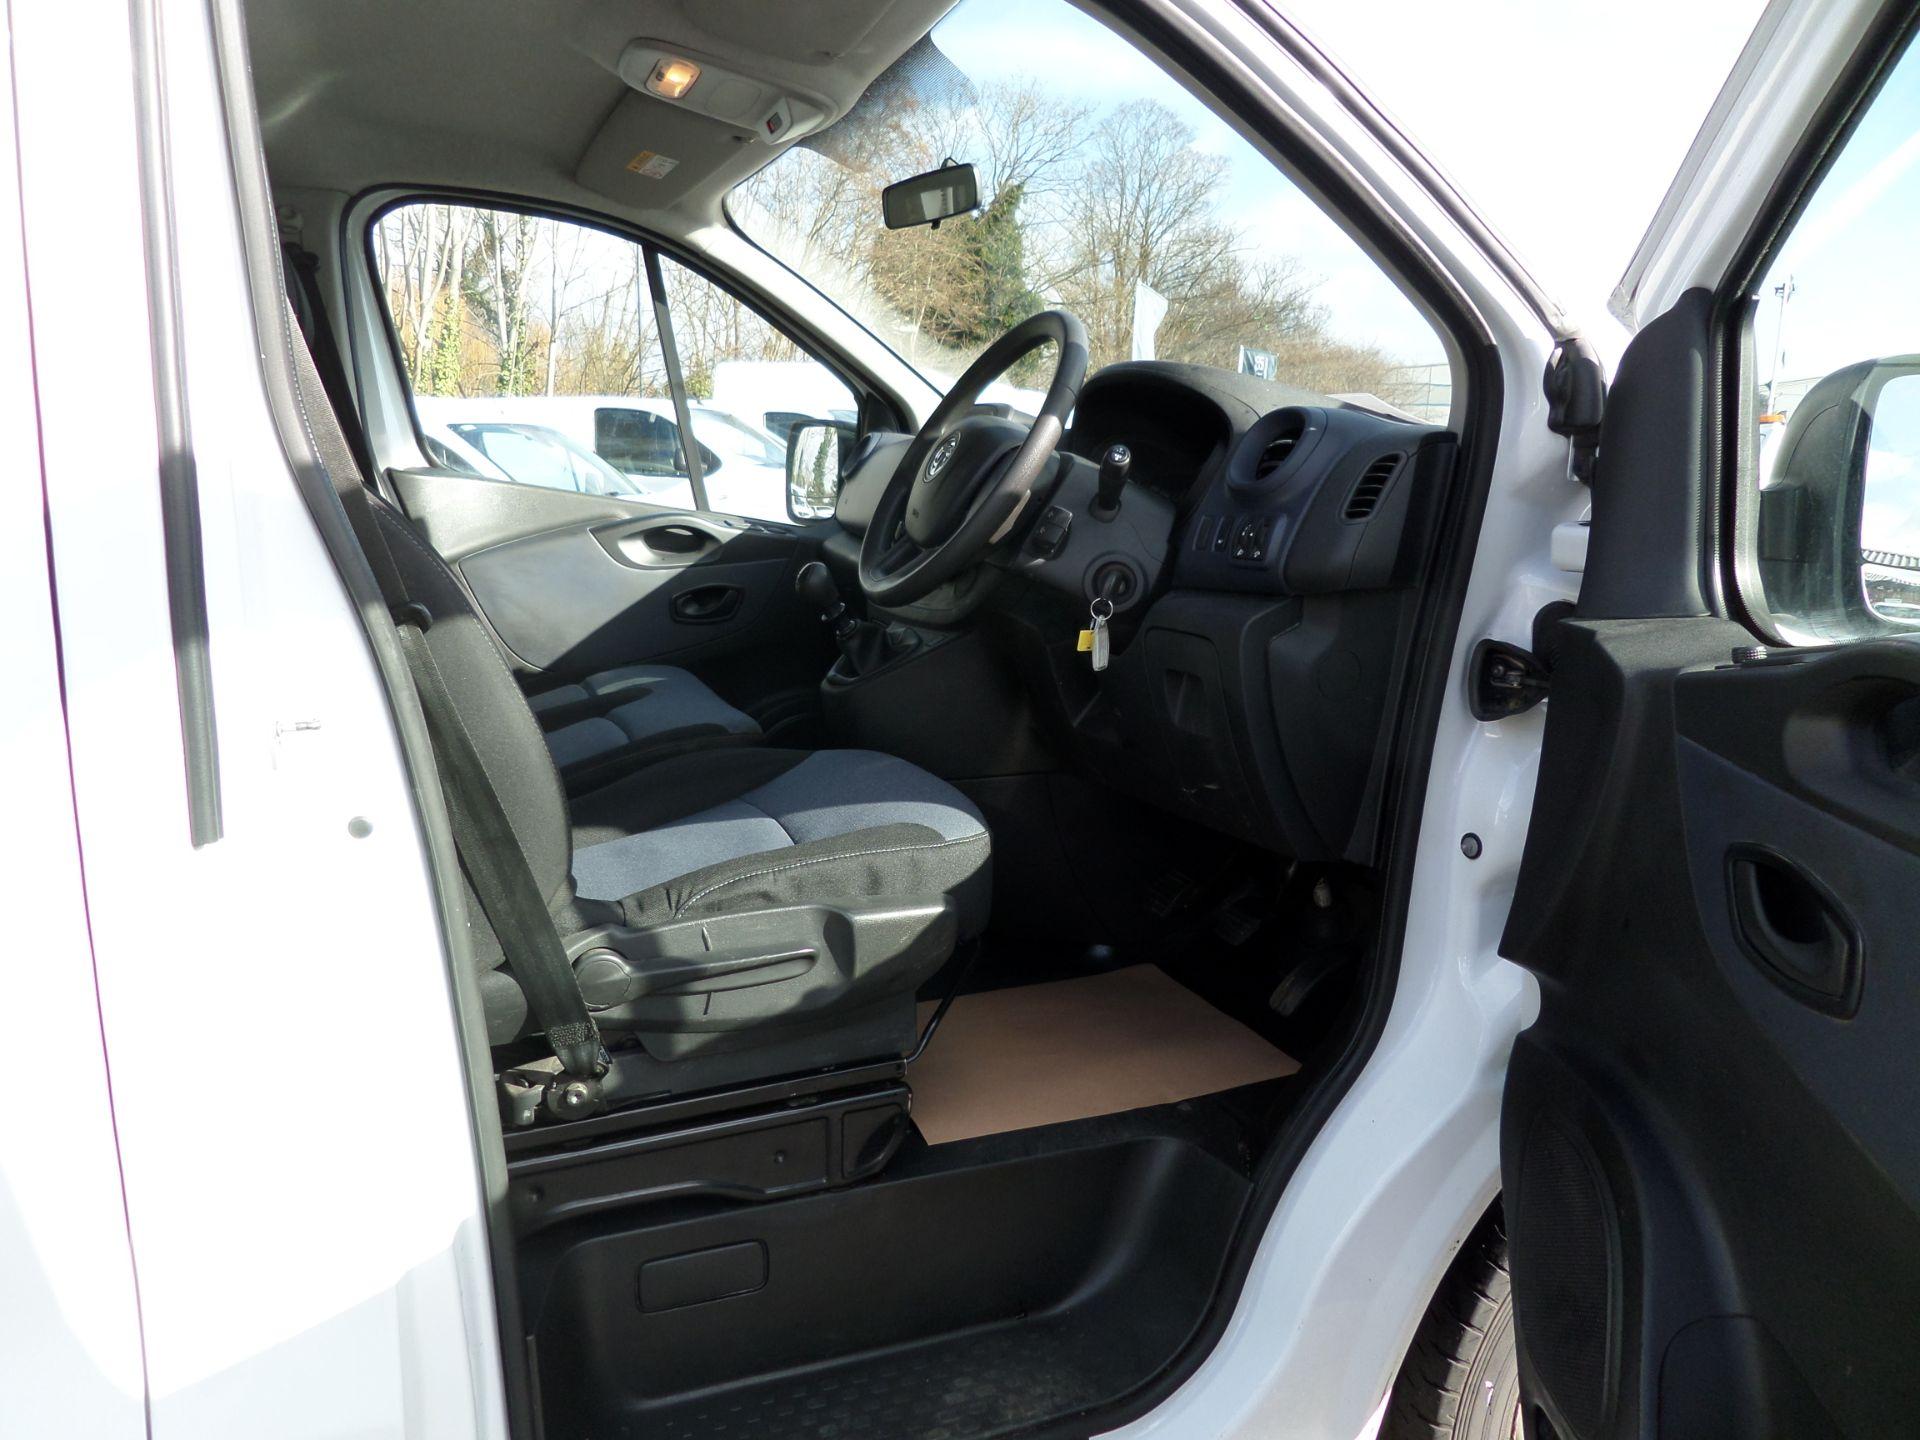 2017 Vauxhall Vivaro 2900 1.6Cdti Biturbo 125Ps H1 Combi 9 Seat (NO VAT) 70mph Limited (DY17UTV) Image 12